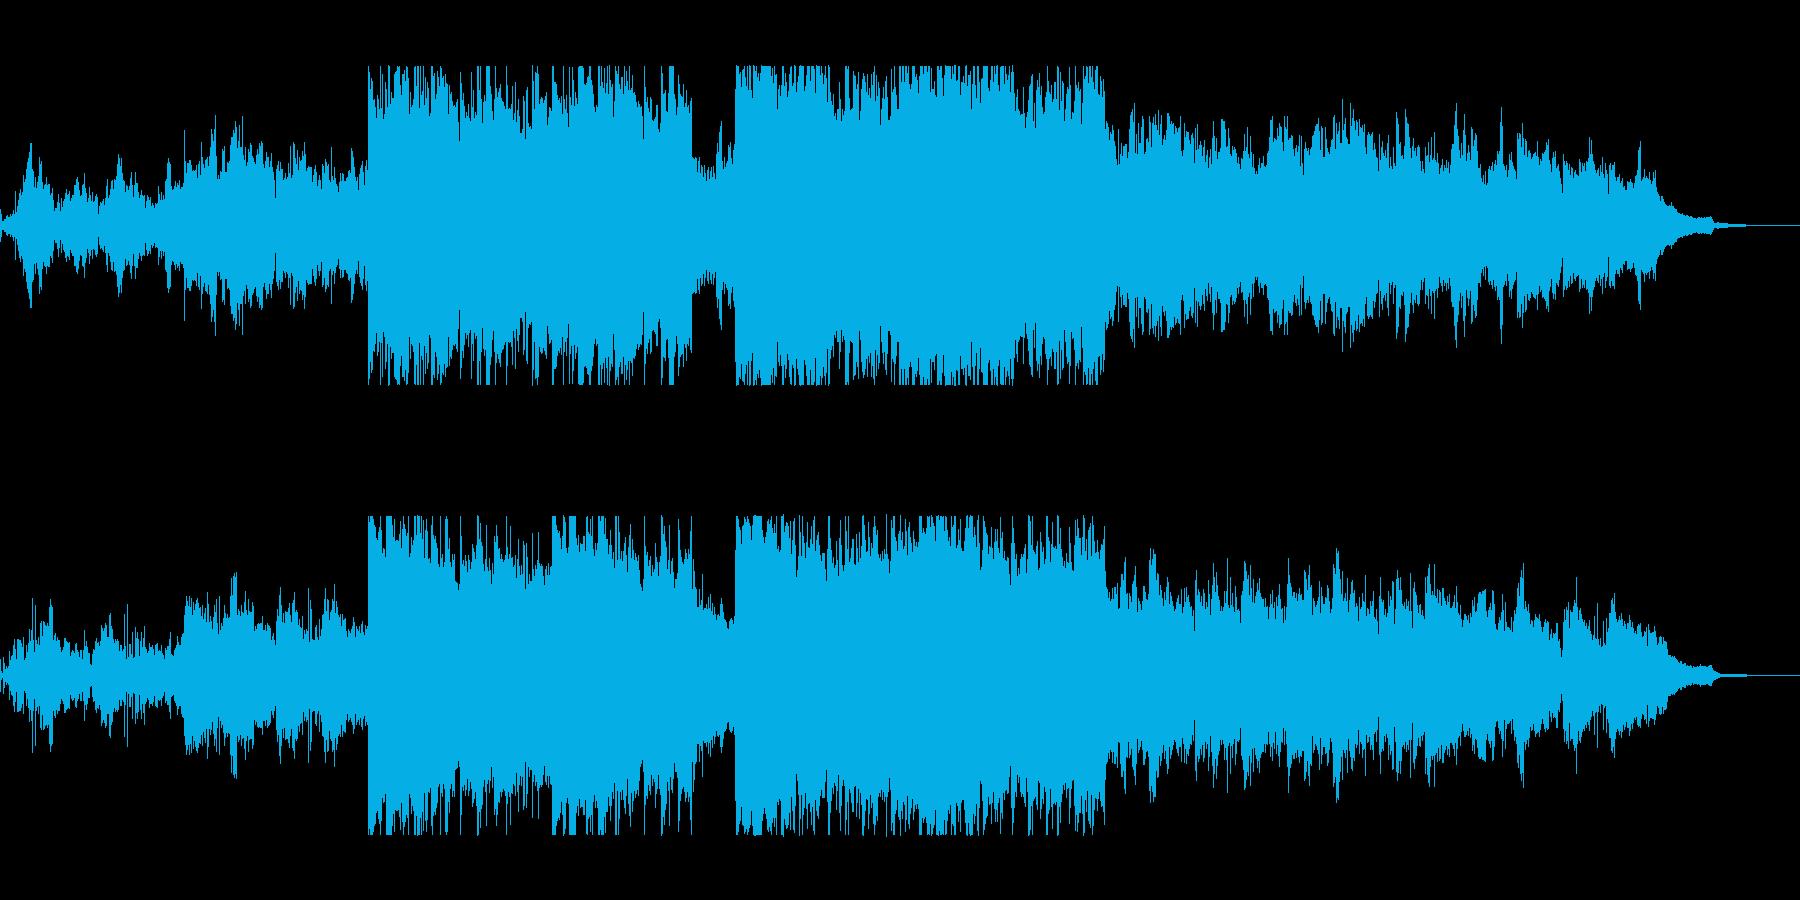 幻想的で浮遊感があるシンセミュージックの再生済みの波形